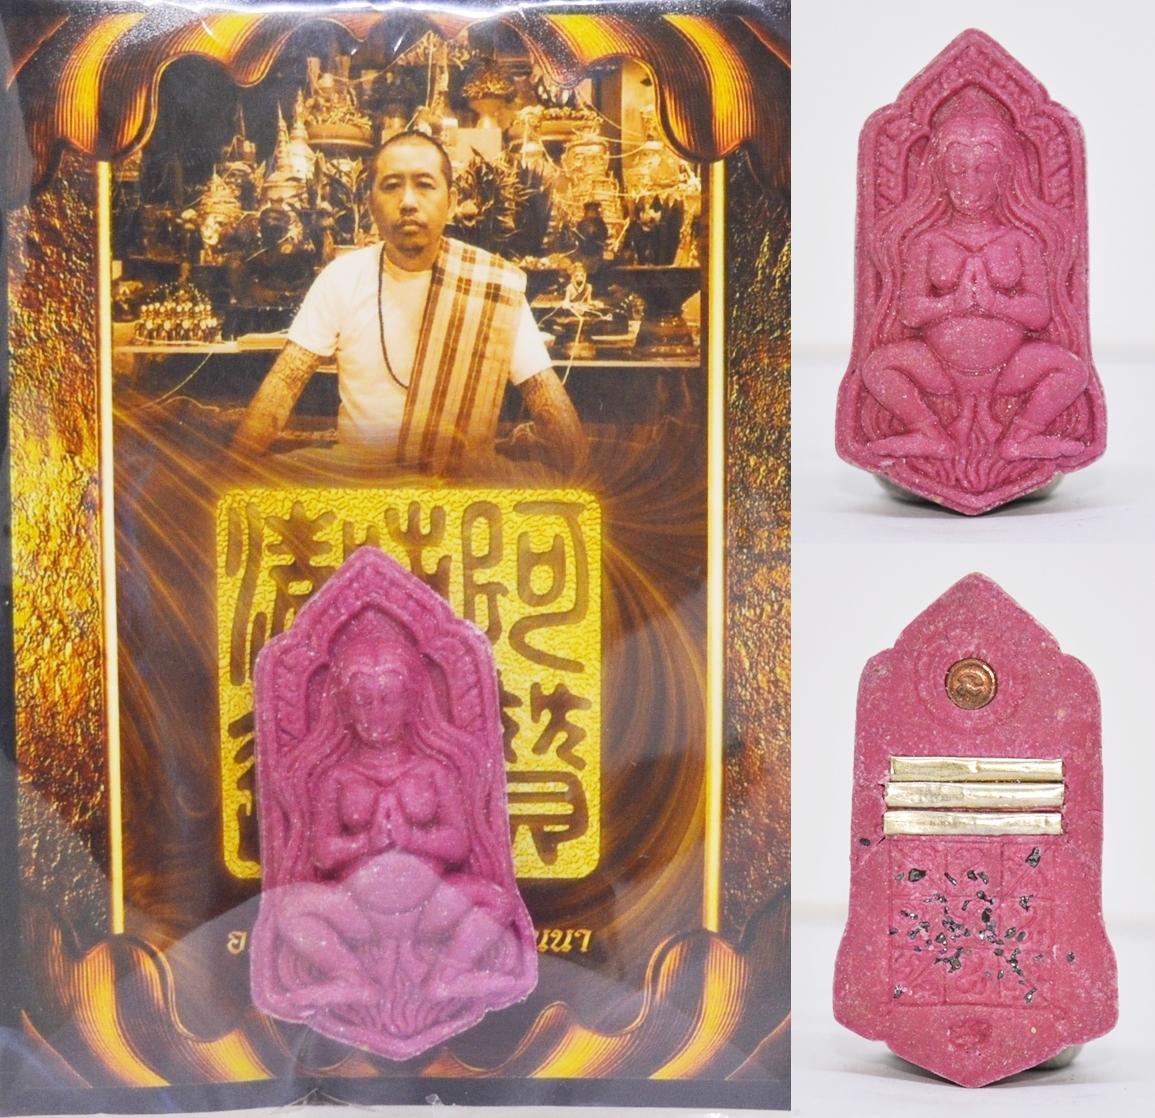 แม่กำเนิด นางพิม เนื้อว่านสีม่วง  อาจารย์คงศักดิ์ มนต์ล้านนา 2559